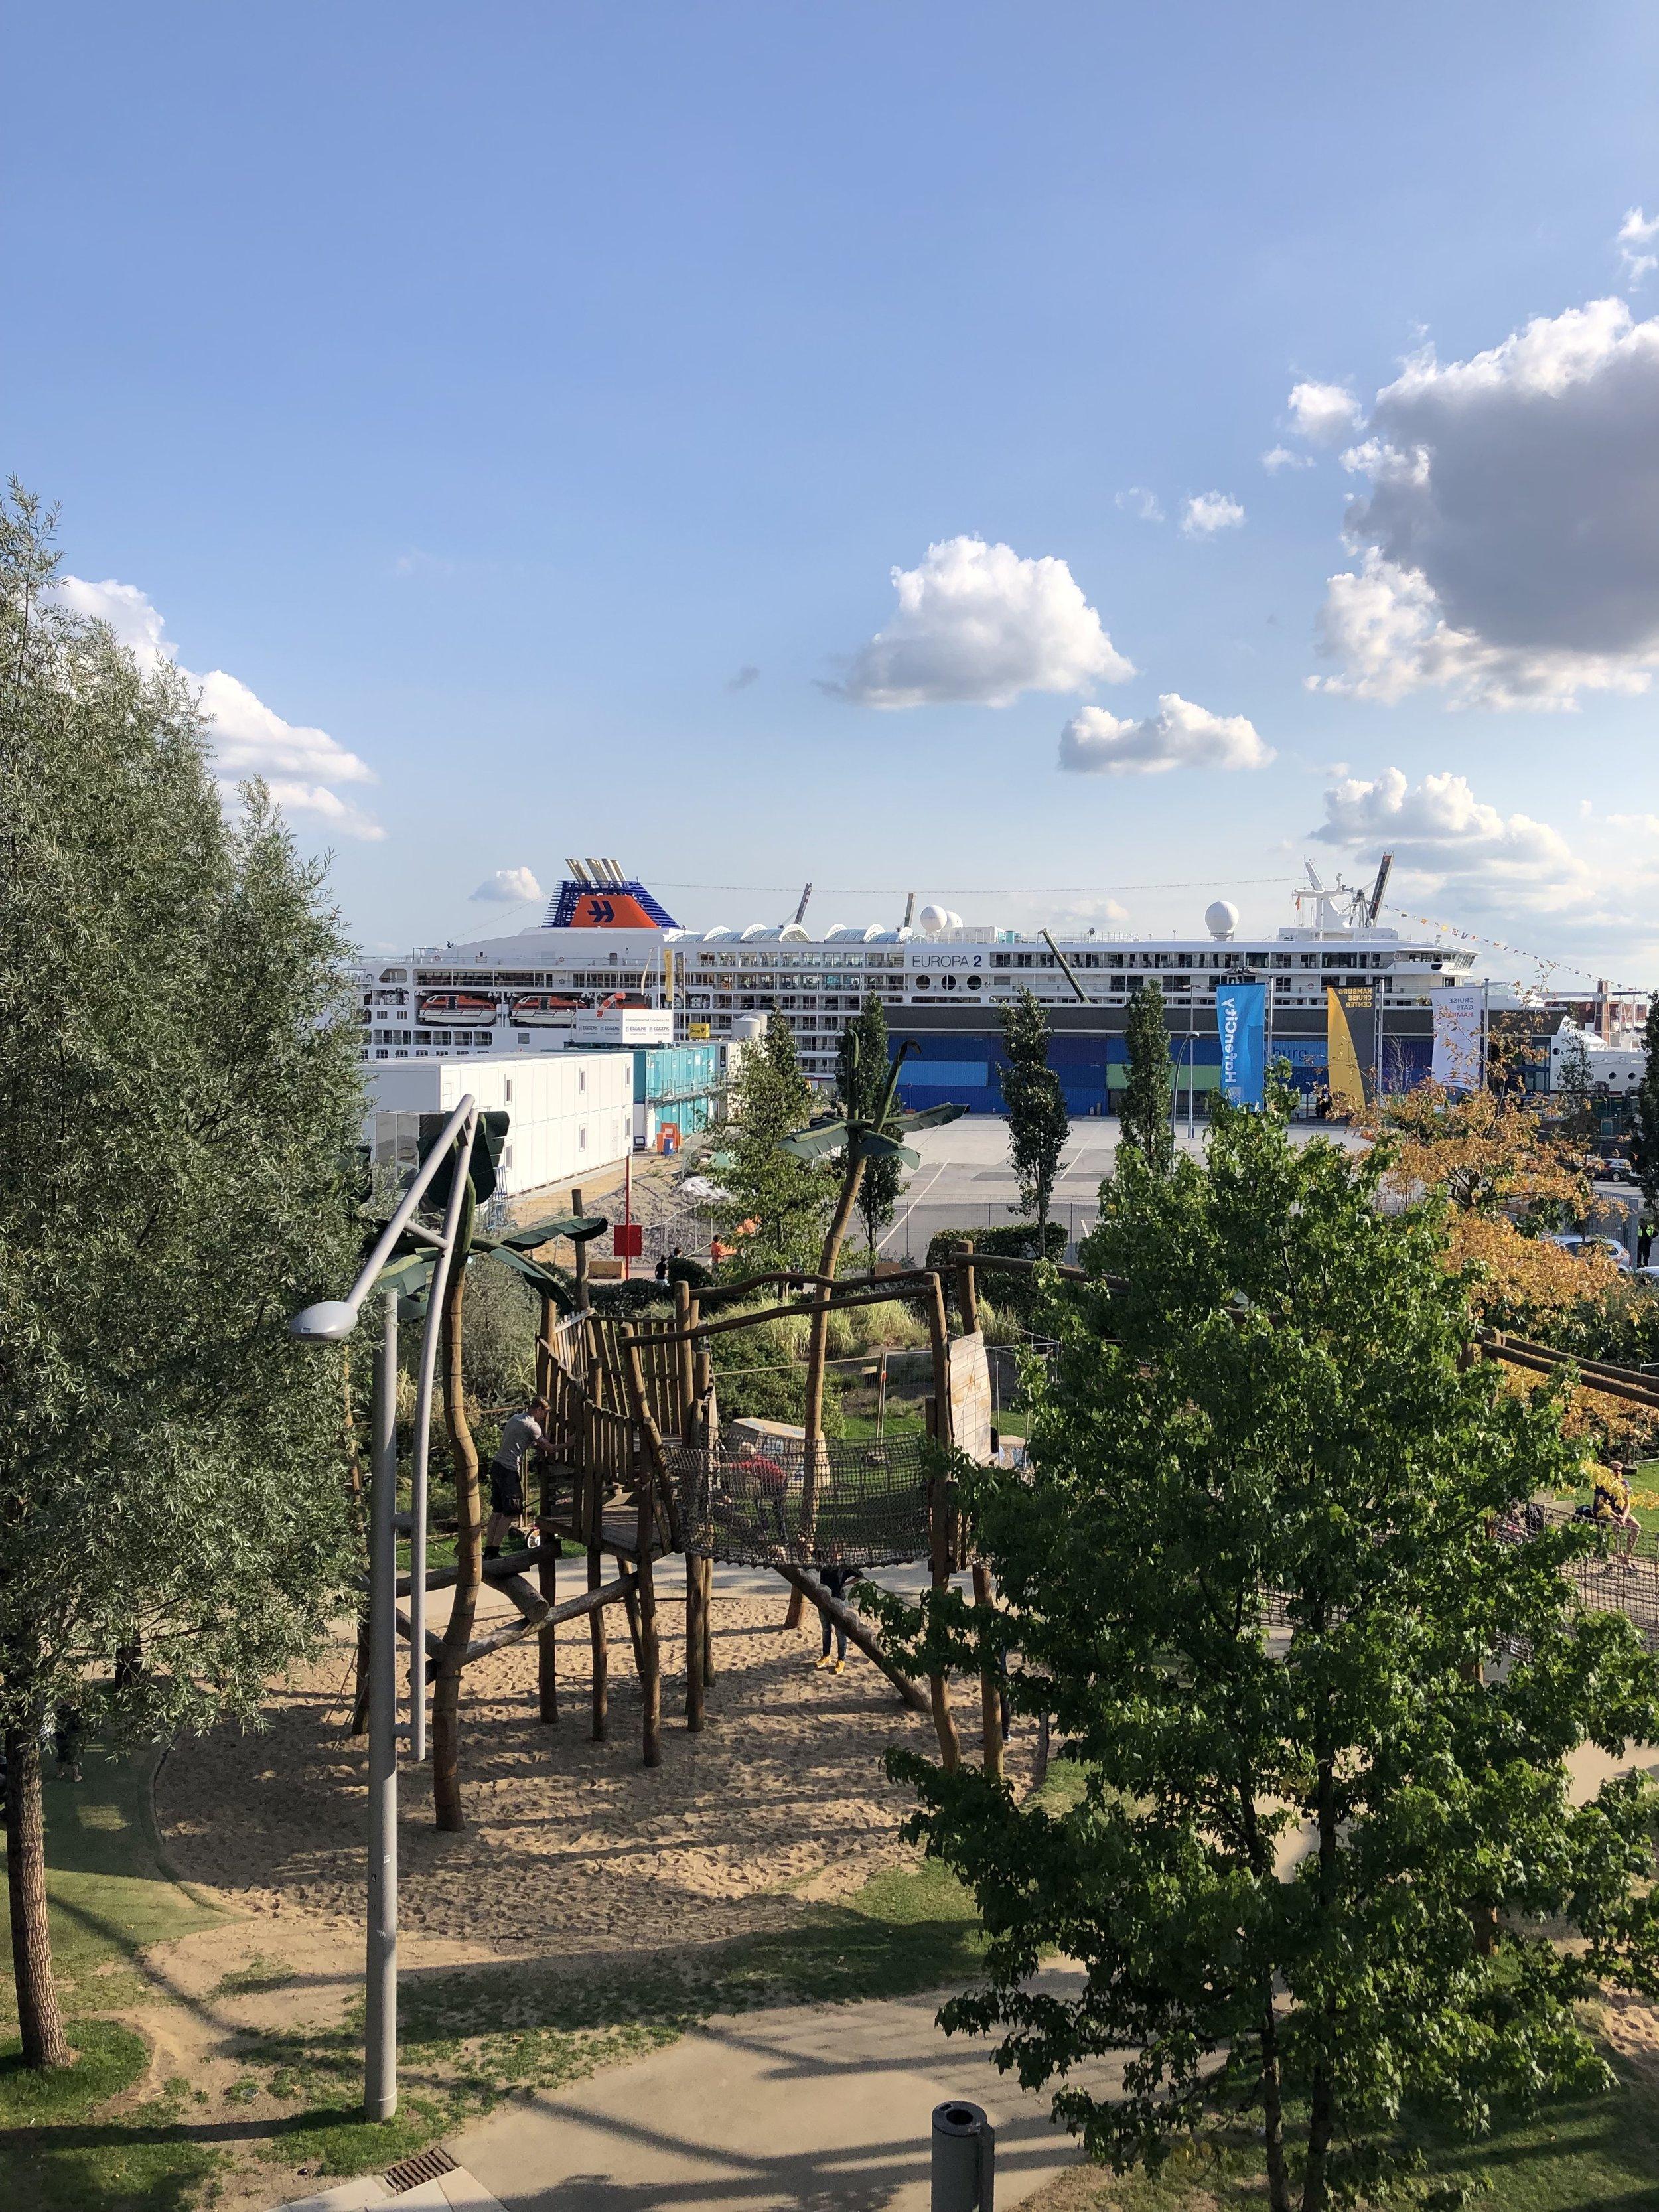 Die MS Europa im Hintergrund der Spielplatz vorne